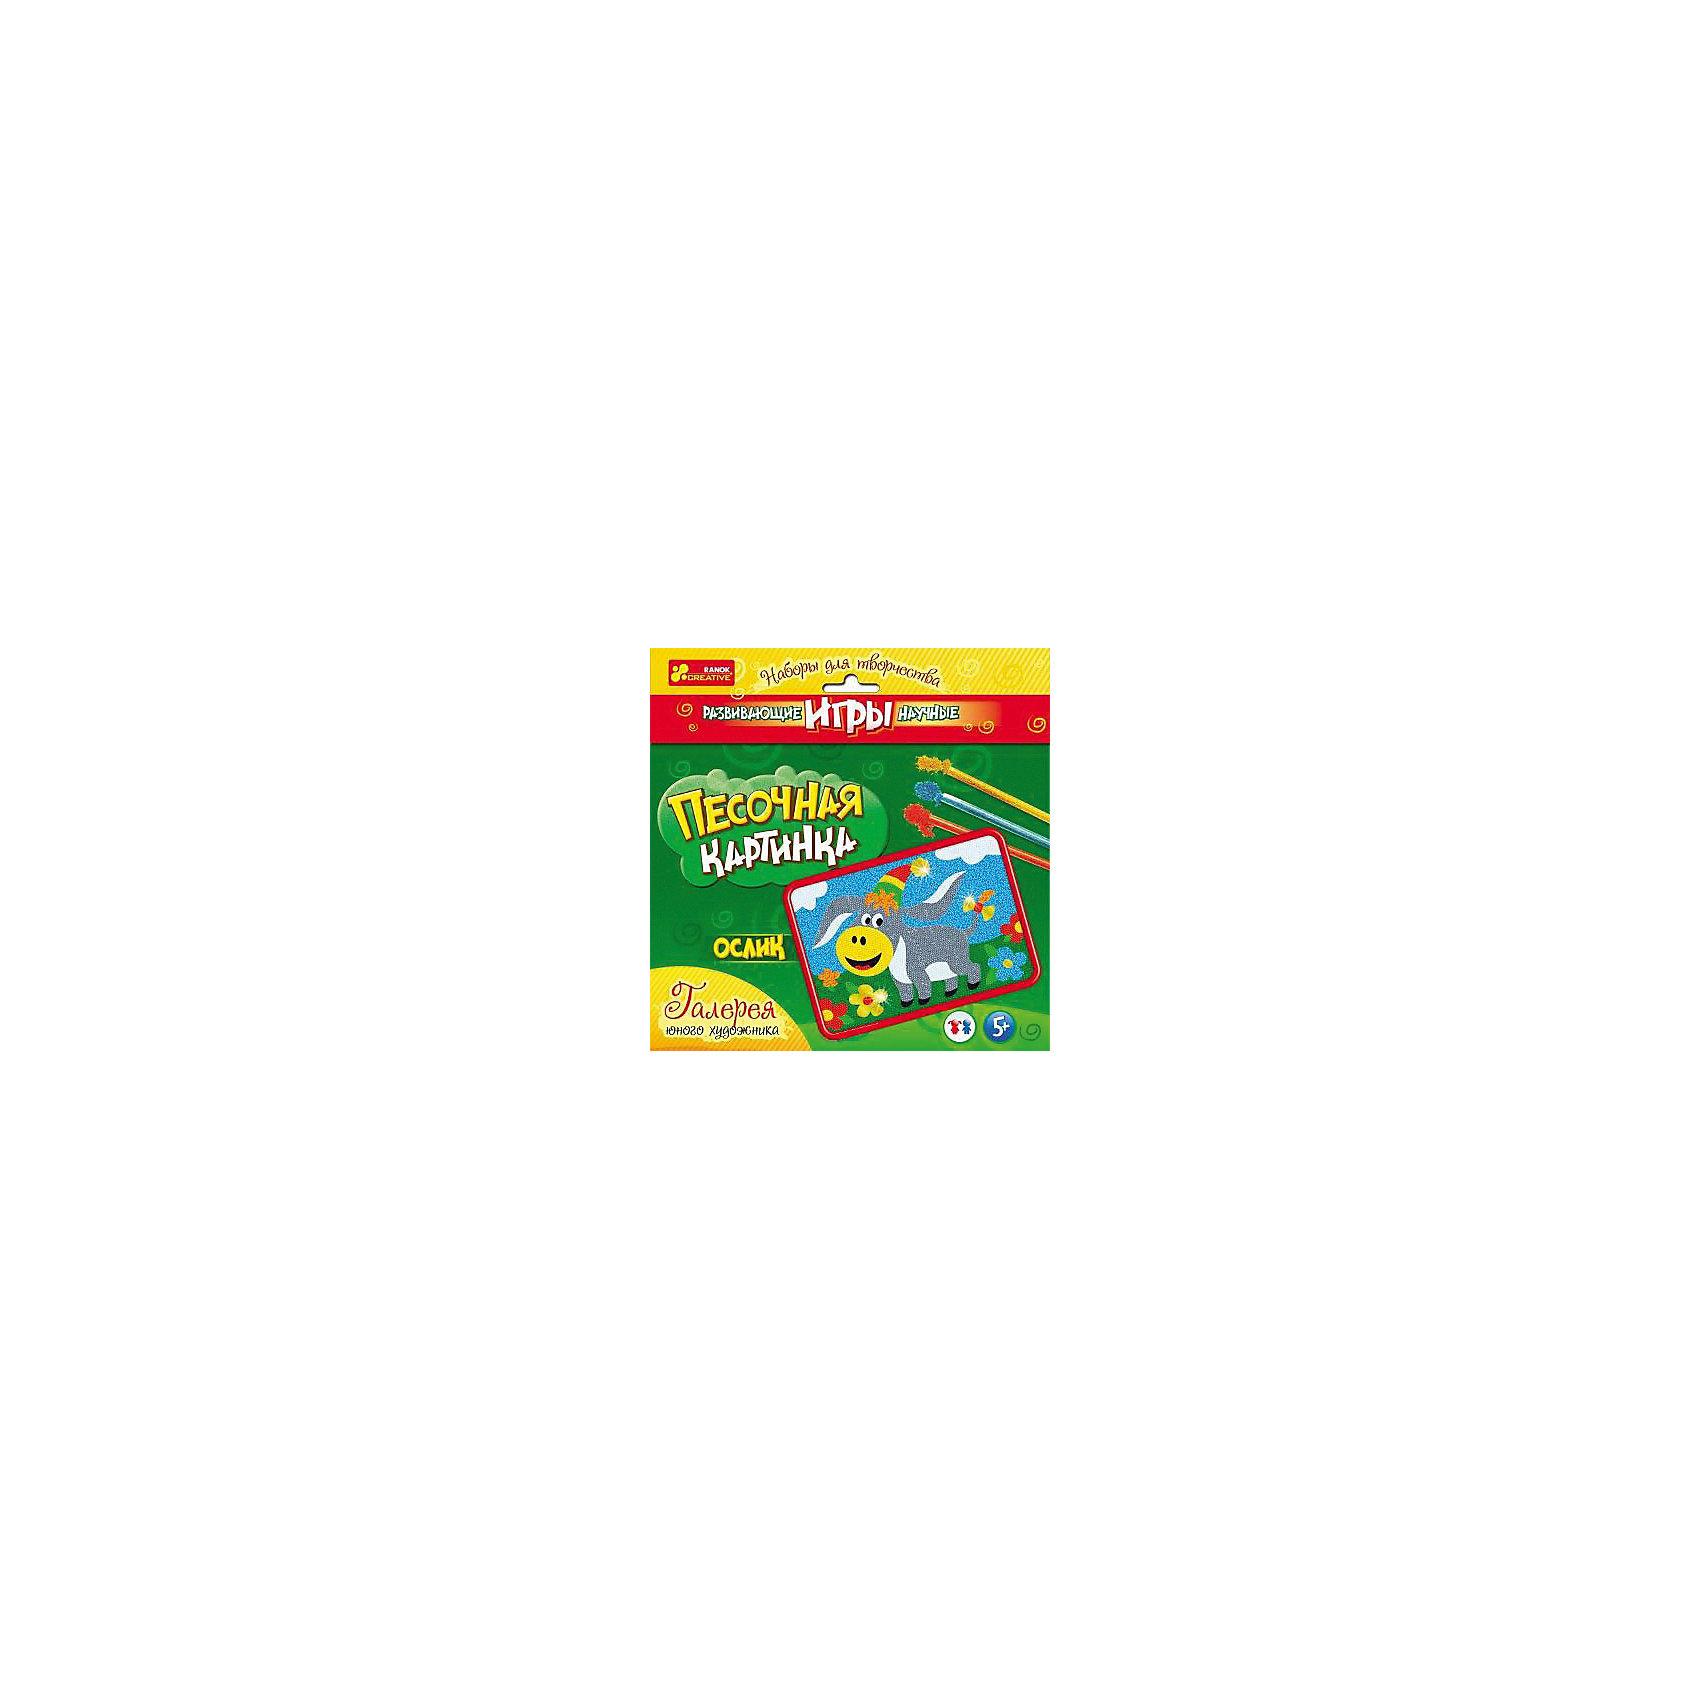 Картинка из песка ОсликХарактеристики:<br><br>• Предназначение: для занятий творчеством<br>• Пол: универсальный<br>• Количество цветов: 10 пакетиков – серый, черный, белый, зеленый, голубой, красный, желтый, оранжевый и др.<br>• Комплектация: разноцветный песок, картинка-основа, инструкция<br>• Материал: песок, картон, пластик<br>• Размеры упаковки (Д*Ш*В): 22*20*1 см<br>• Вес упаковки: 405 г <br>• Упаковка: прозрачный пакет<br><br>Картинка из песка Ослик от компании Ranok Creative, специализирующейся на производстве товаров для организации творческого досуга детей разного возраста, предназначен для создания панно из цветного песка. Набор состоит из картонной картинки-основы и 6 пакетиков с разноцветным песком. На основу нанесены цифры соответствующие номеру цвета песка. Кроме того, поверхность картинки – клейкая, что позволяет песку хорошо ложиться на поверхность и не рассыпаться. Рисование песком – это не только увлекательное занятие, оно способствует развитию мелкой моторики рук и оказывает релаксационный эффект! Творческие занятия с наборами от Ranok Creative способствуют развитию у детей креативного мышления, изысканного художественно-эстетического вкуса и развивают фантазию и воображение.<br><br>Картинку из песка Ослик можно купить в нашем интернет-магазине.<br><br>Ширина мм: 170<br>Глубина мм: 50<br>Высота мм: 220<br>Вес г: 115<br>Возраст от месяцев: 60<br>Возраст до месяцев: 96<br>Пол: Унисекс<br>Возраст: Детский<br>SKU: 5009307